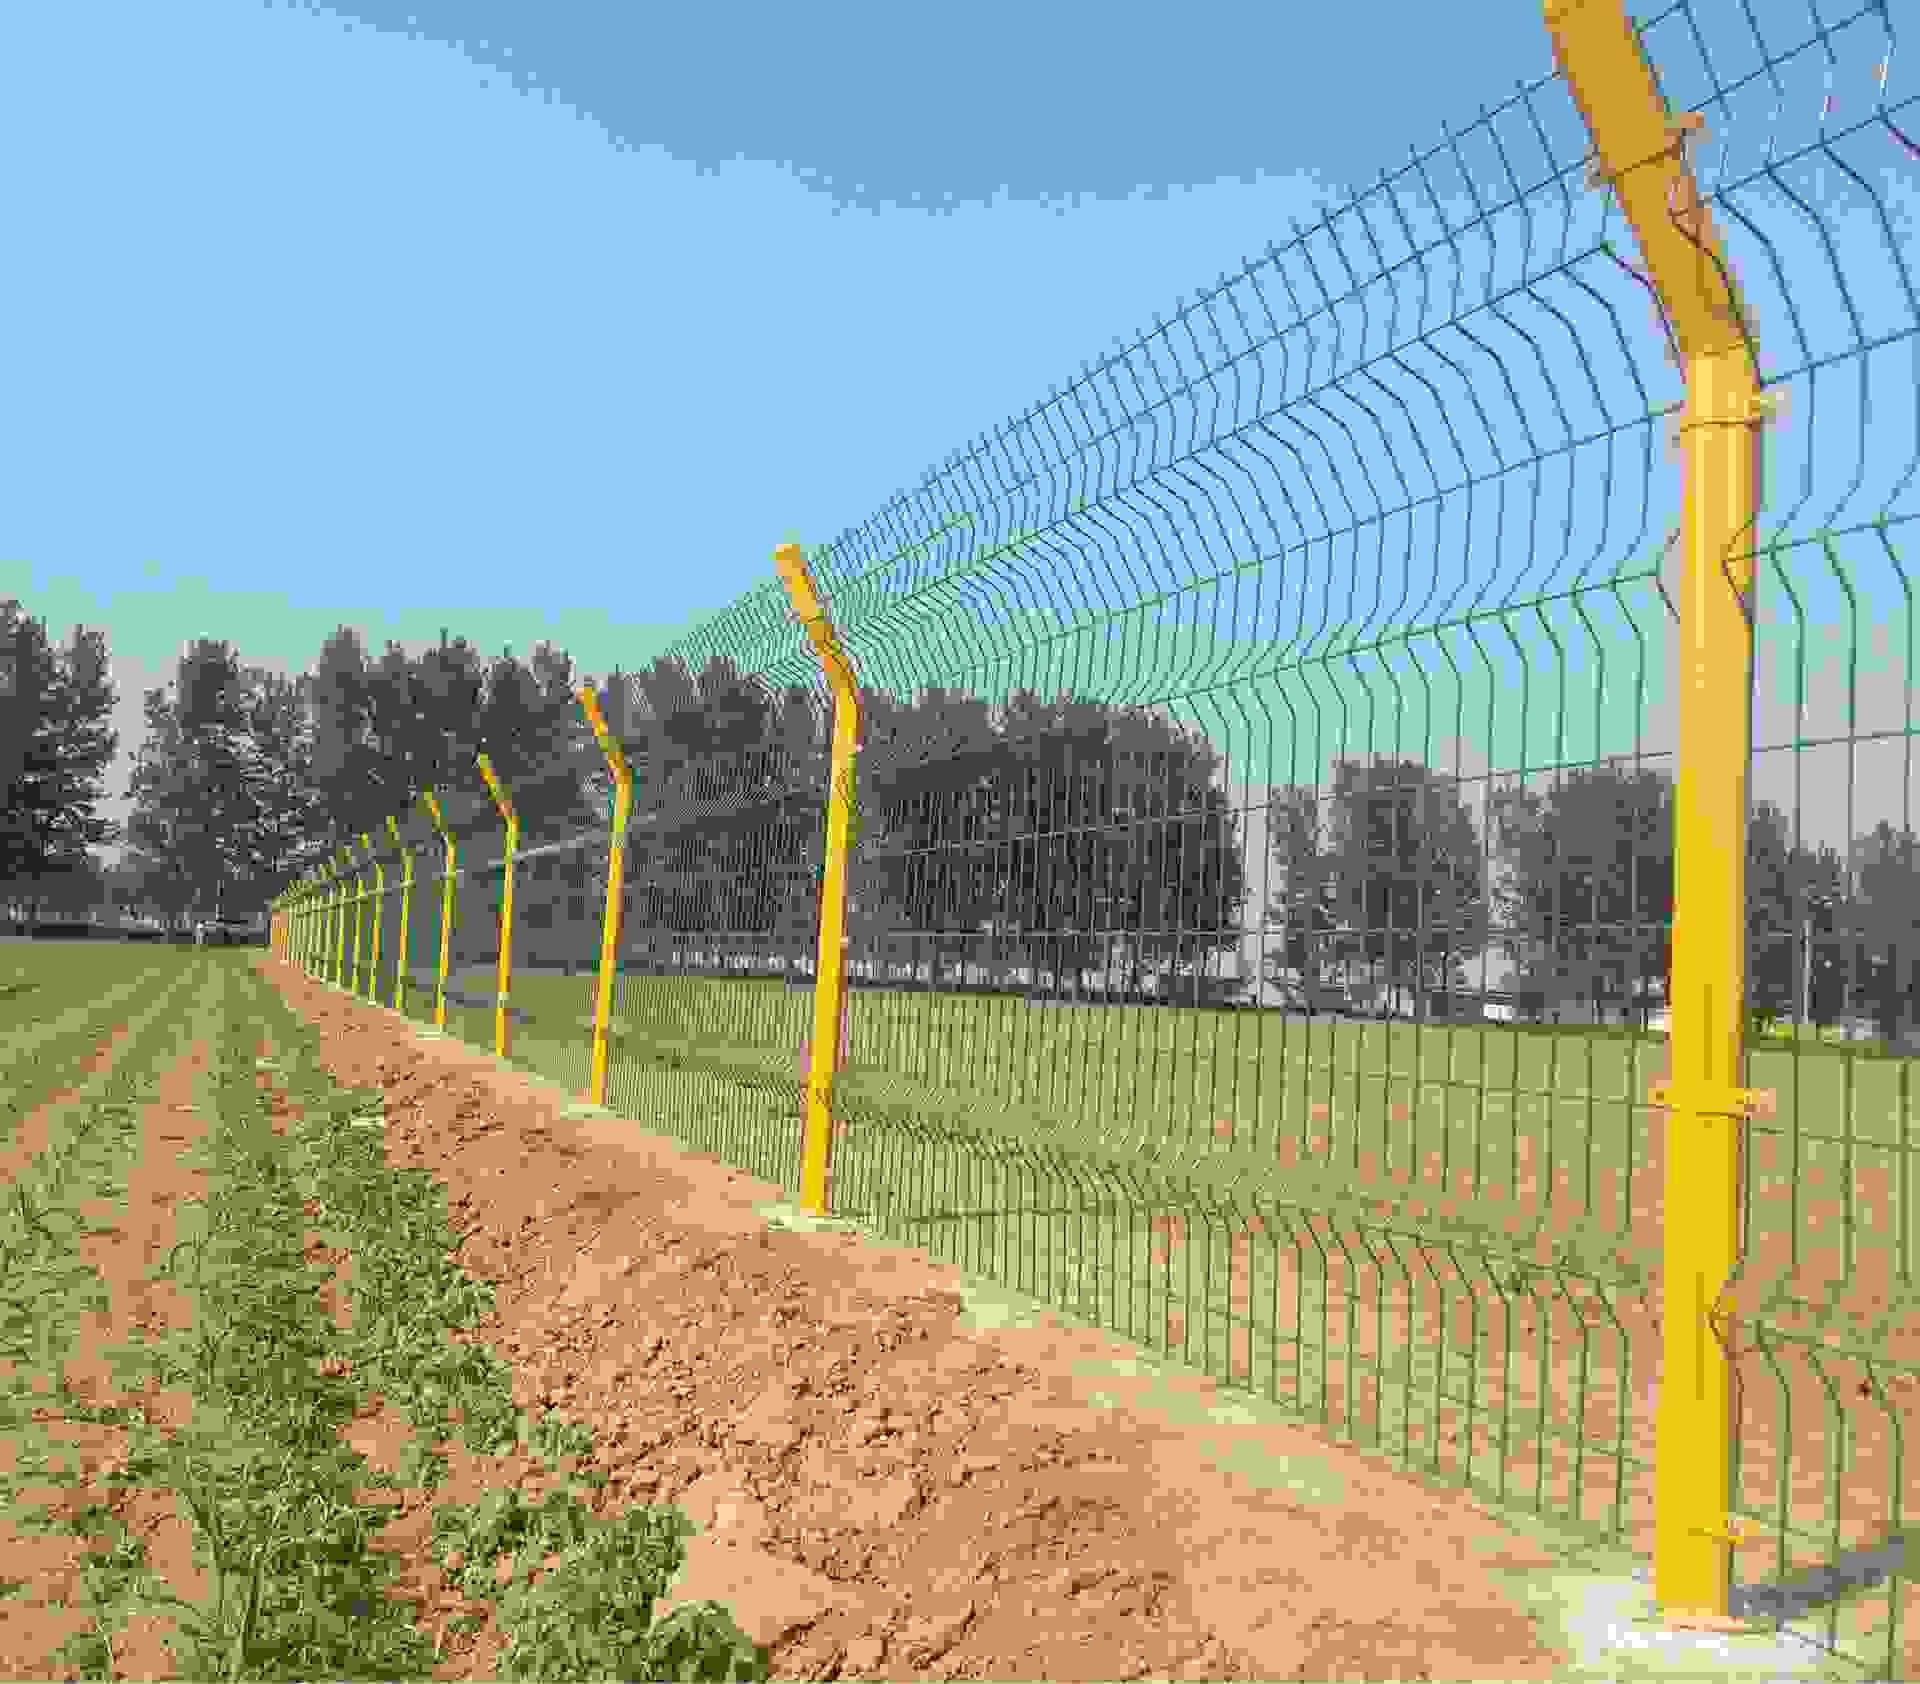 防护网 球场网 体育场护栏网 勾花网